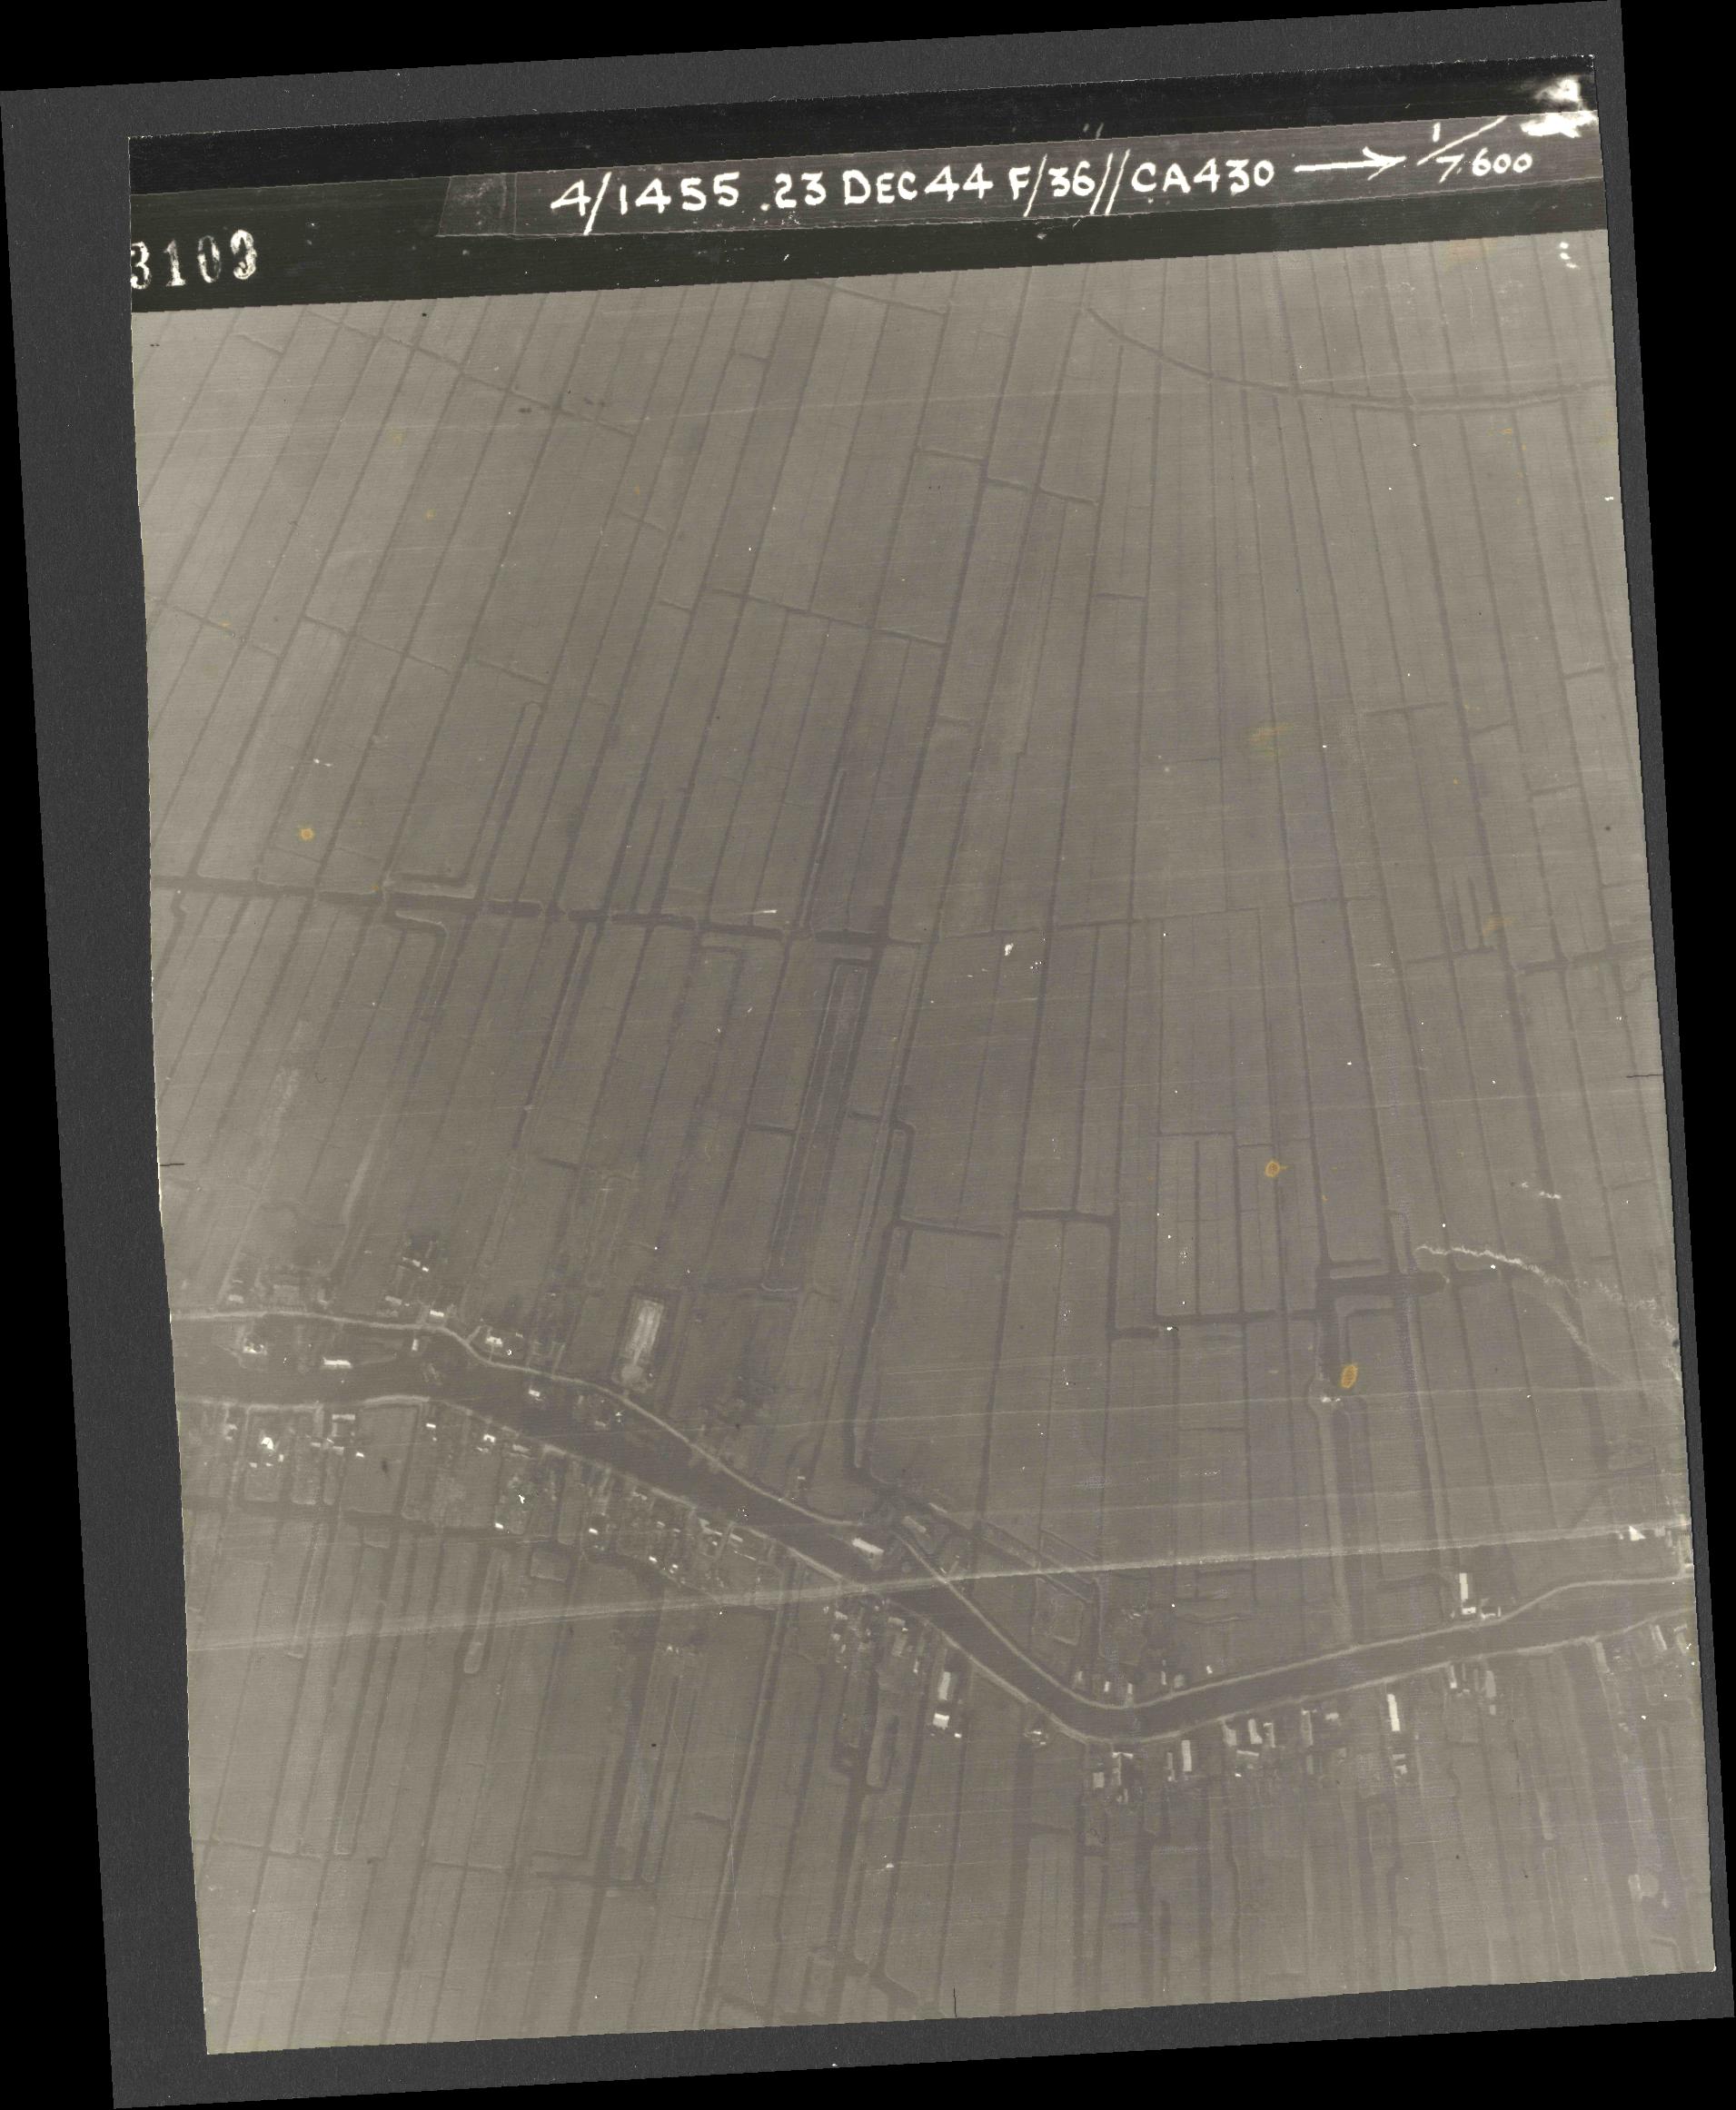 Collection RAF aerial photos 1940-1945 - flight 051, run 03, photo 3109